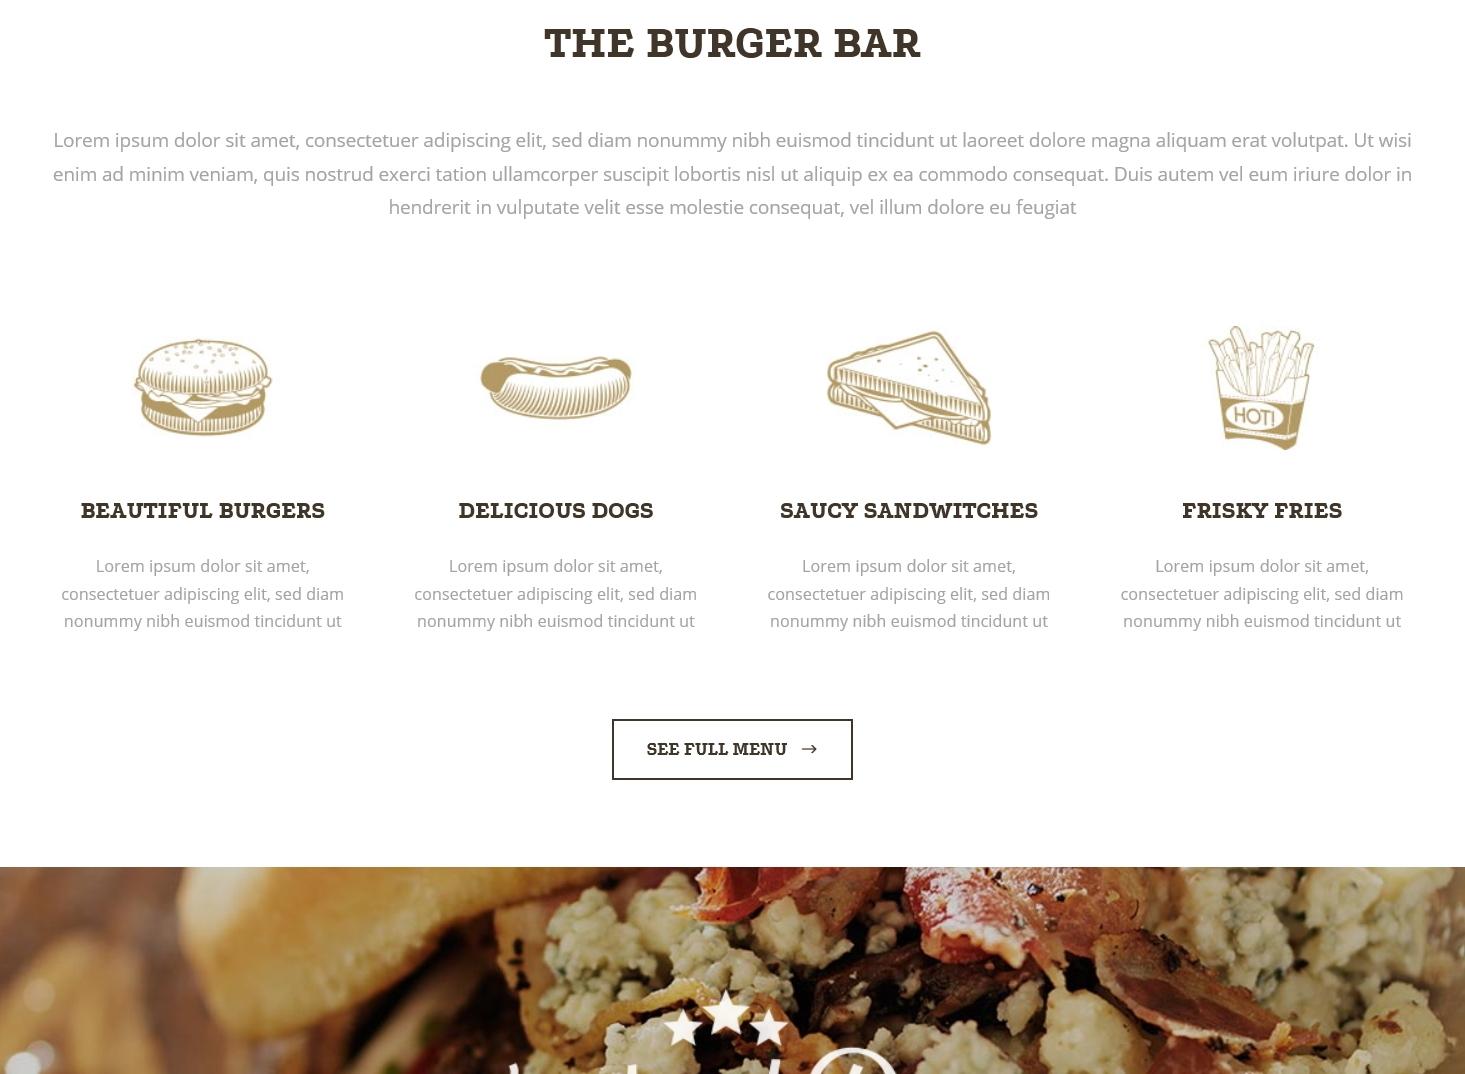 表面功夫版型參考-餐飲服務業-BurgerBar-Home Page A-2